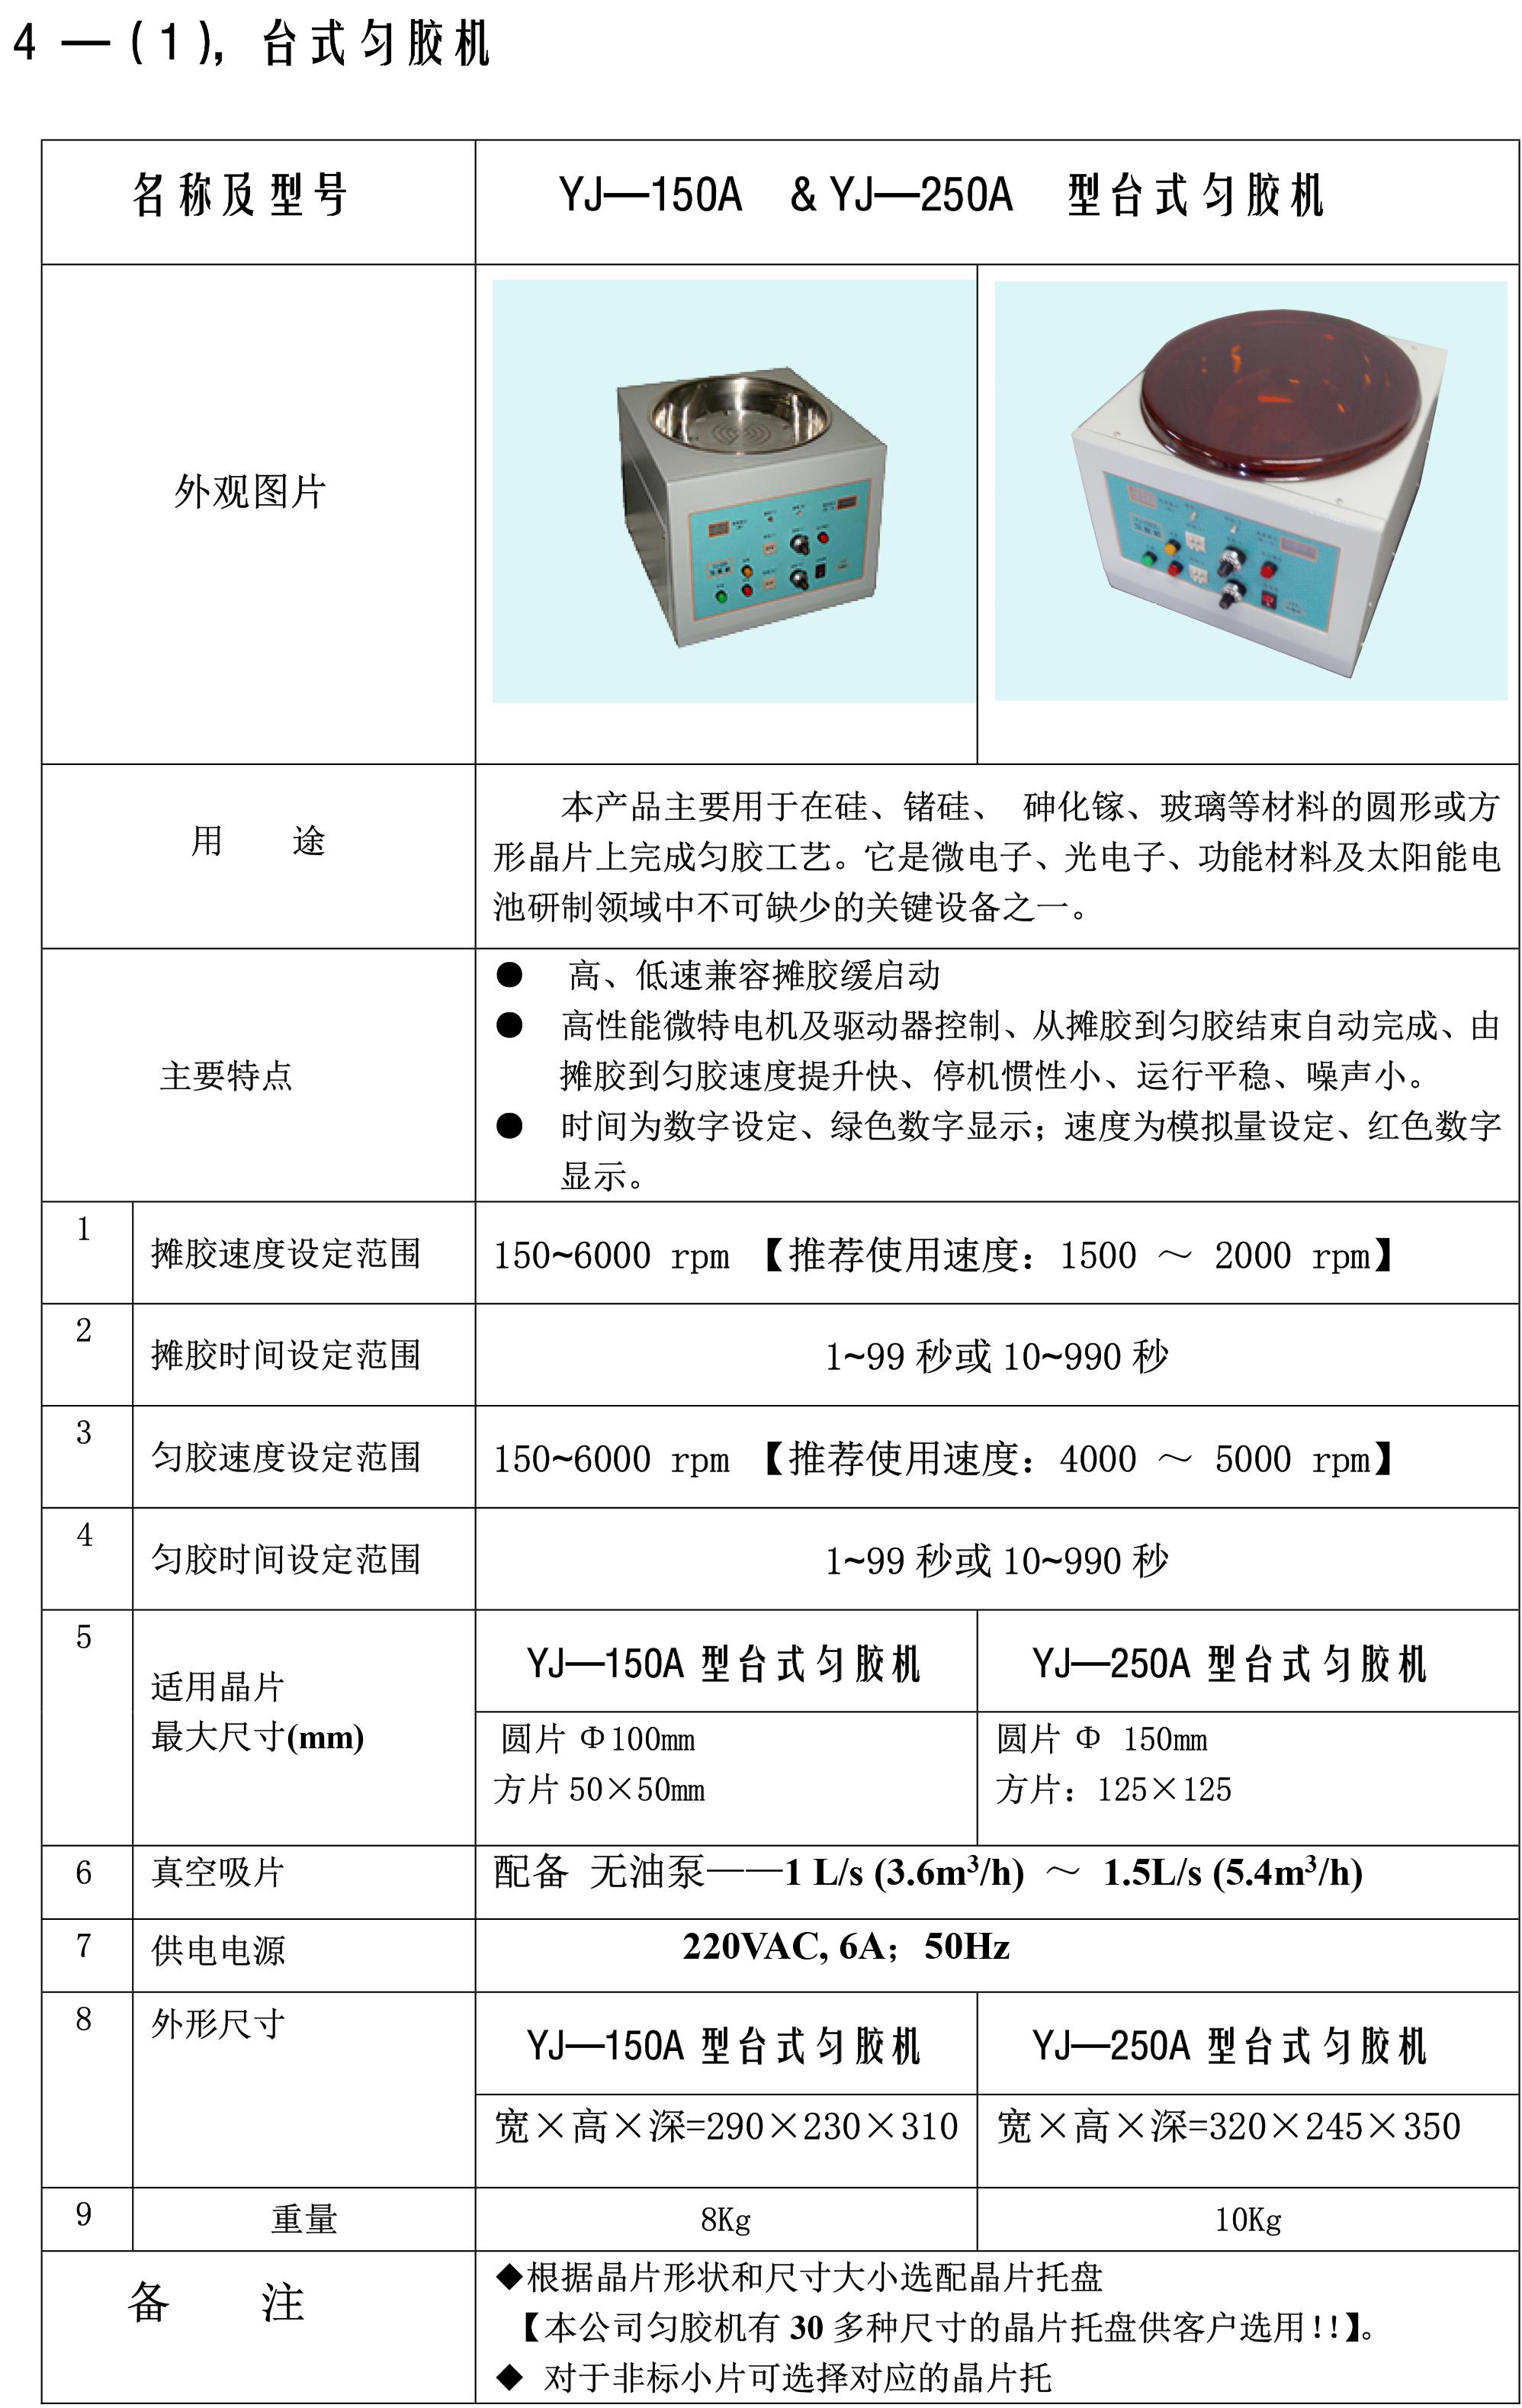 网站产品参数图片-004台式匀胶机